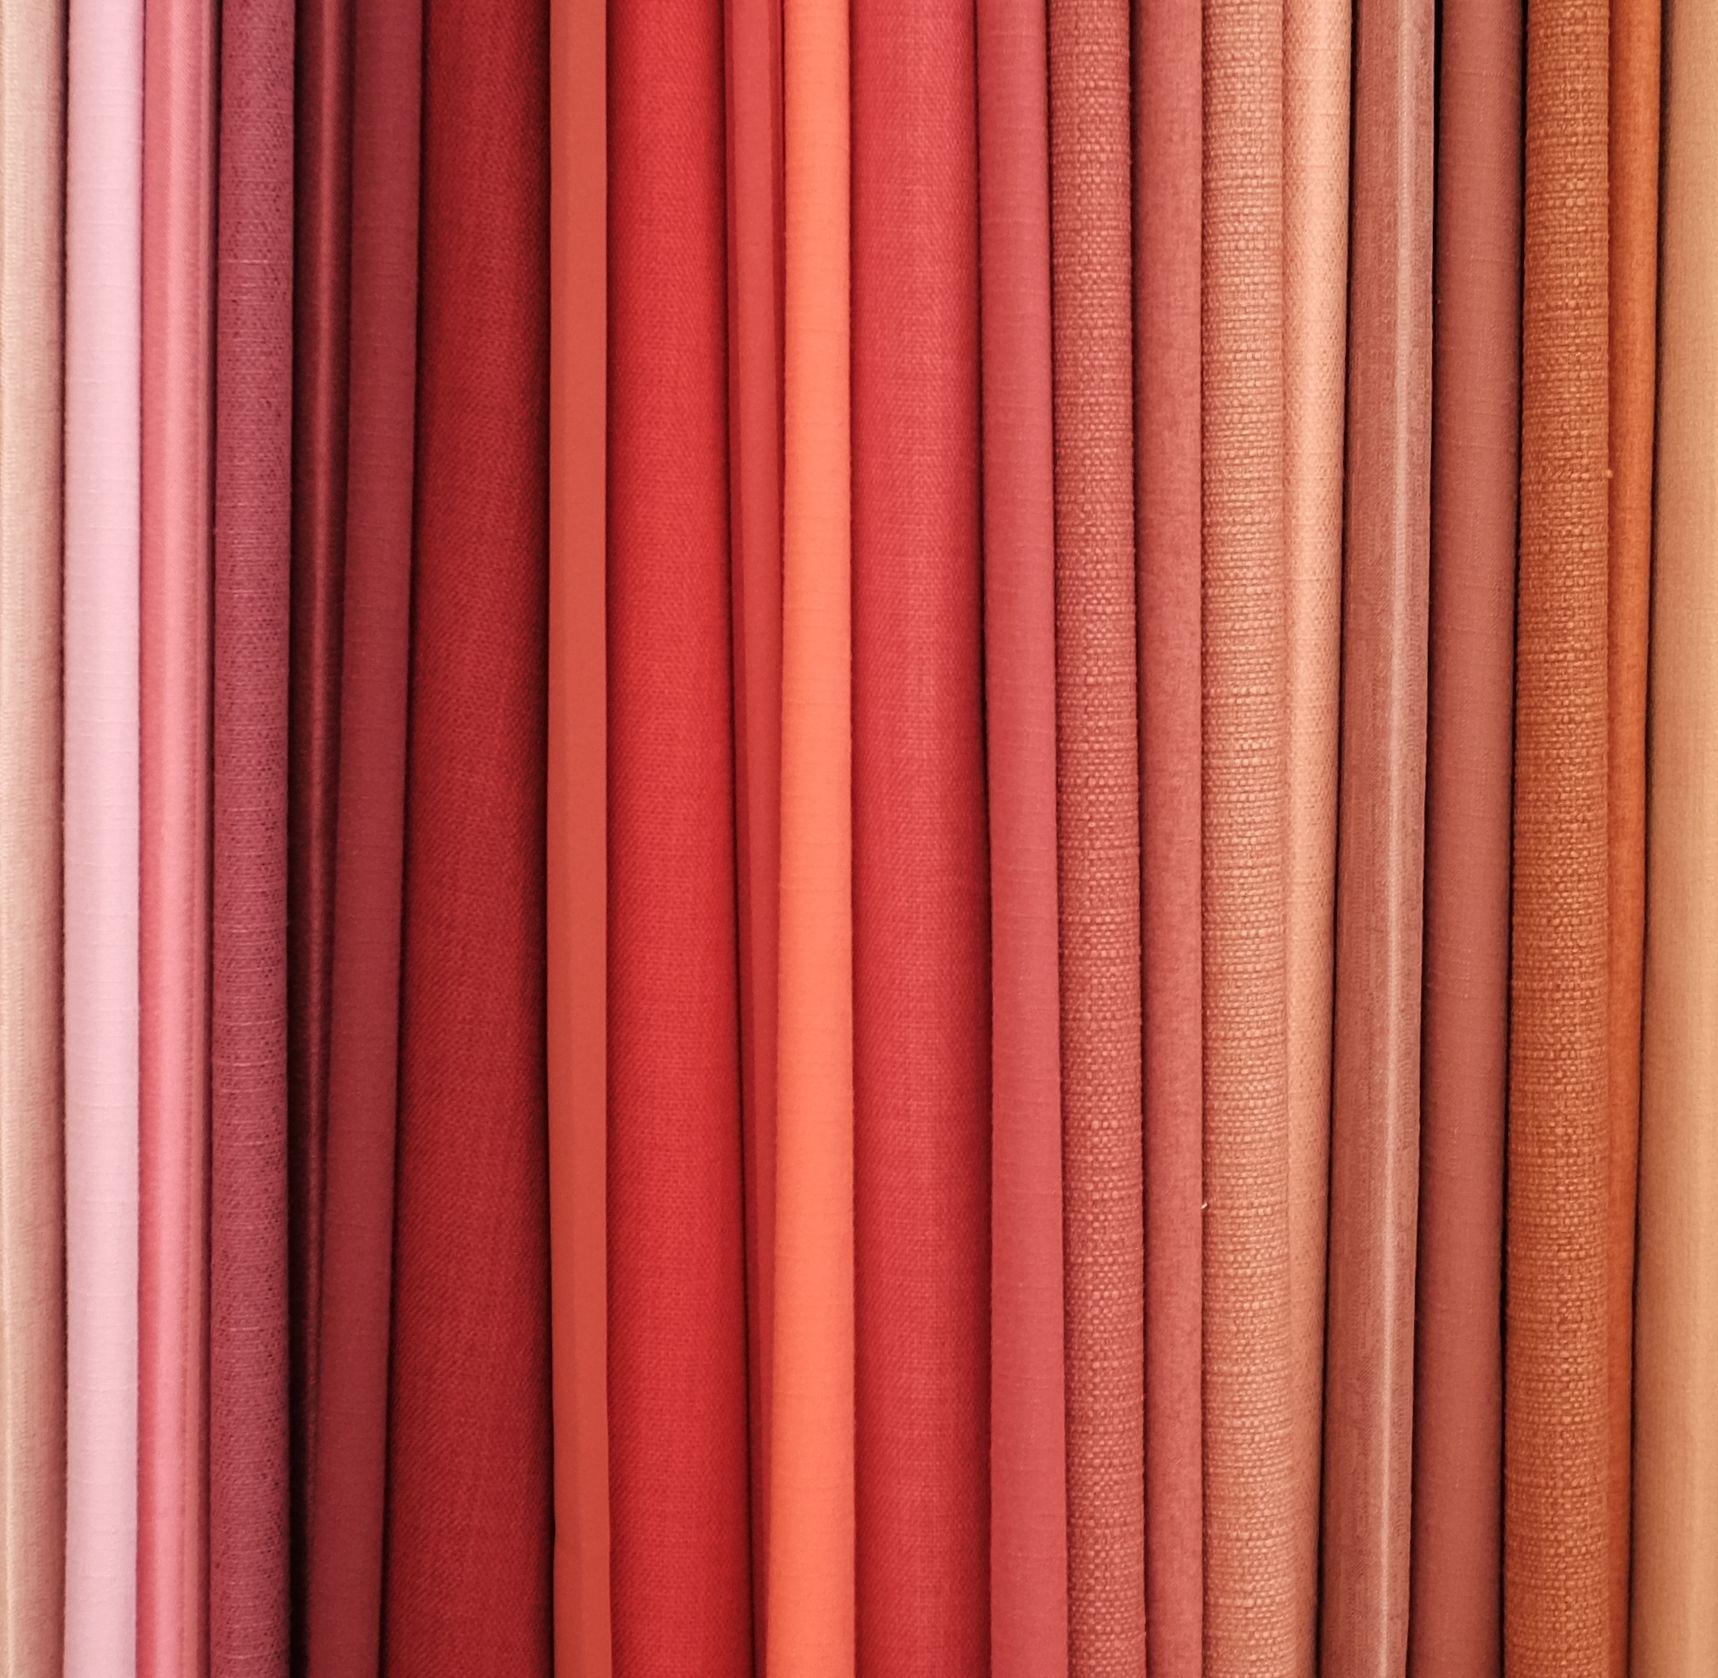 Wilson Fabrics Drapery Fabrics Drapery Textiles Curtains Fabric Buy Fabric Online Buy Fabric Fabric Online